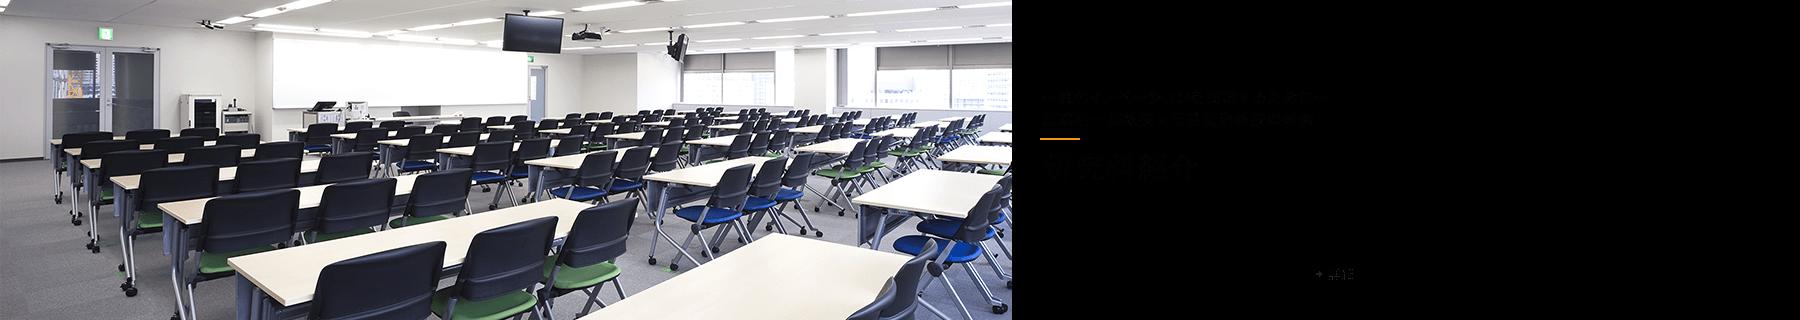 実践力のある経営人材を養成 MBAの学位を目指す方へ